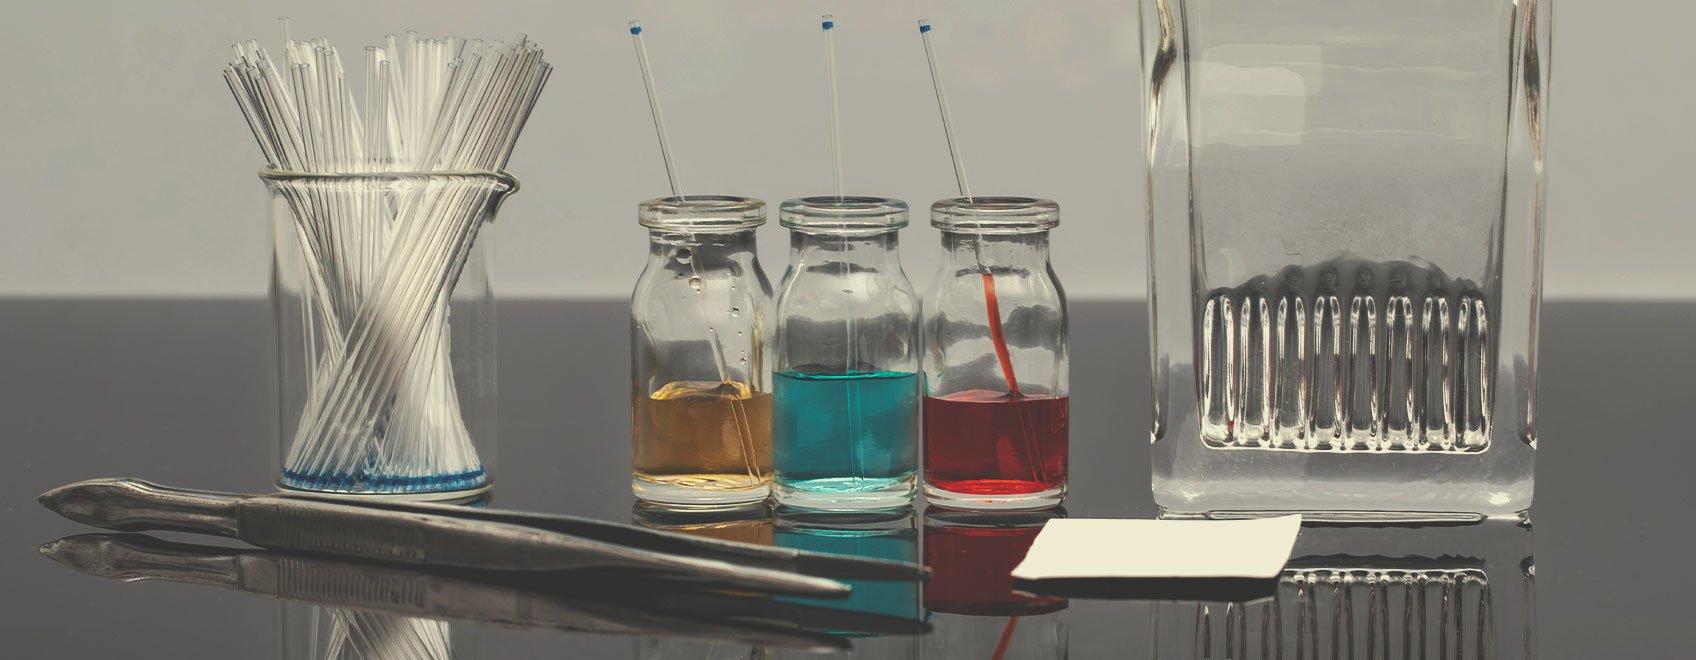 Kits de pruebas de cromatografía en capa fina (CCF)